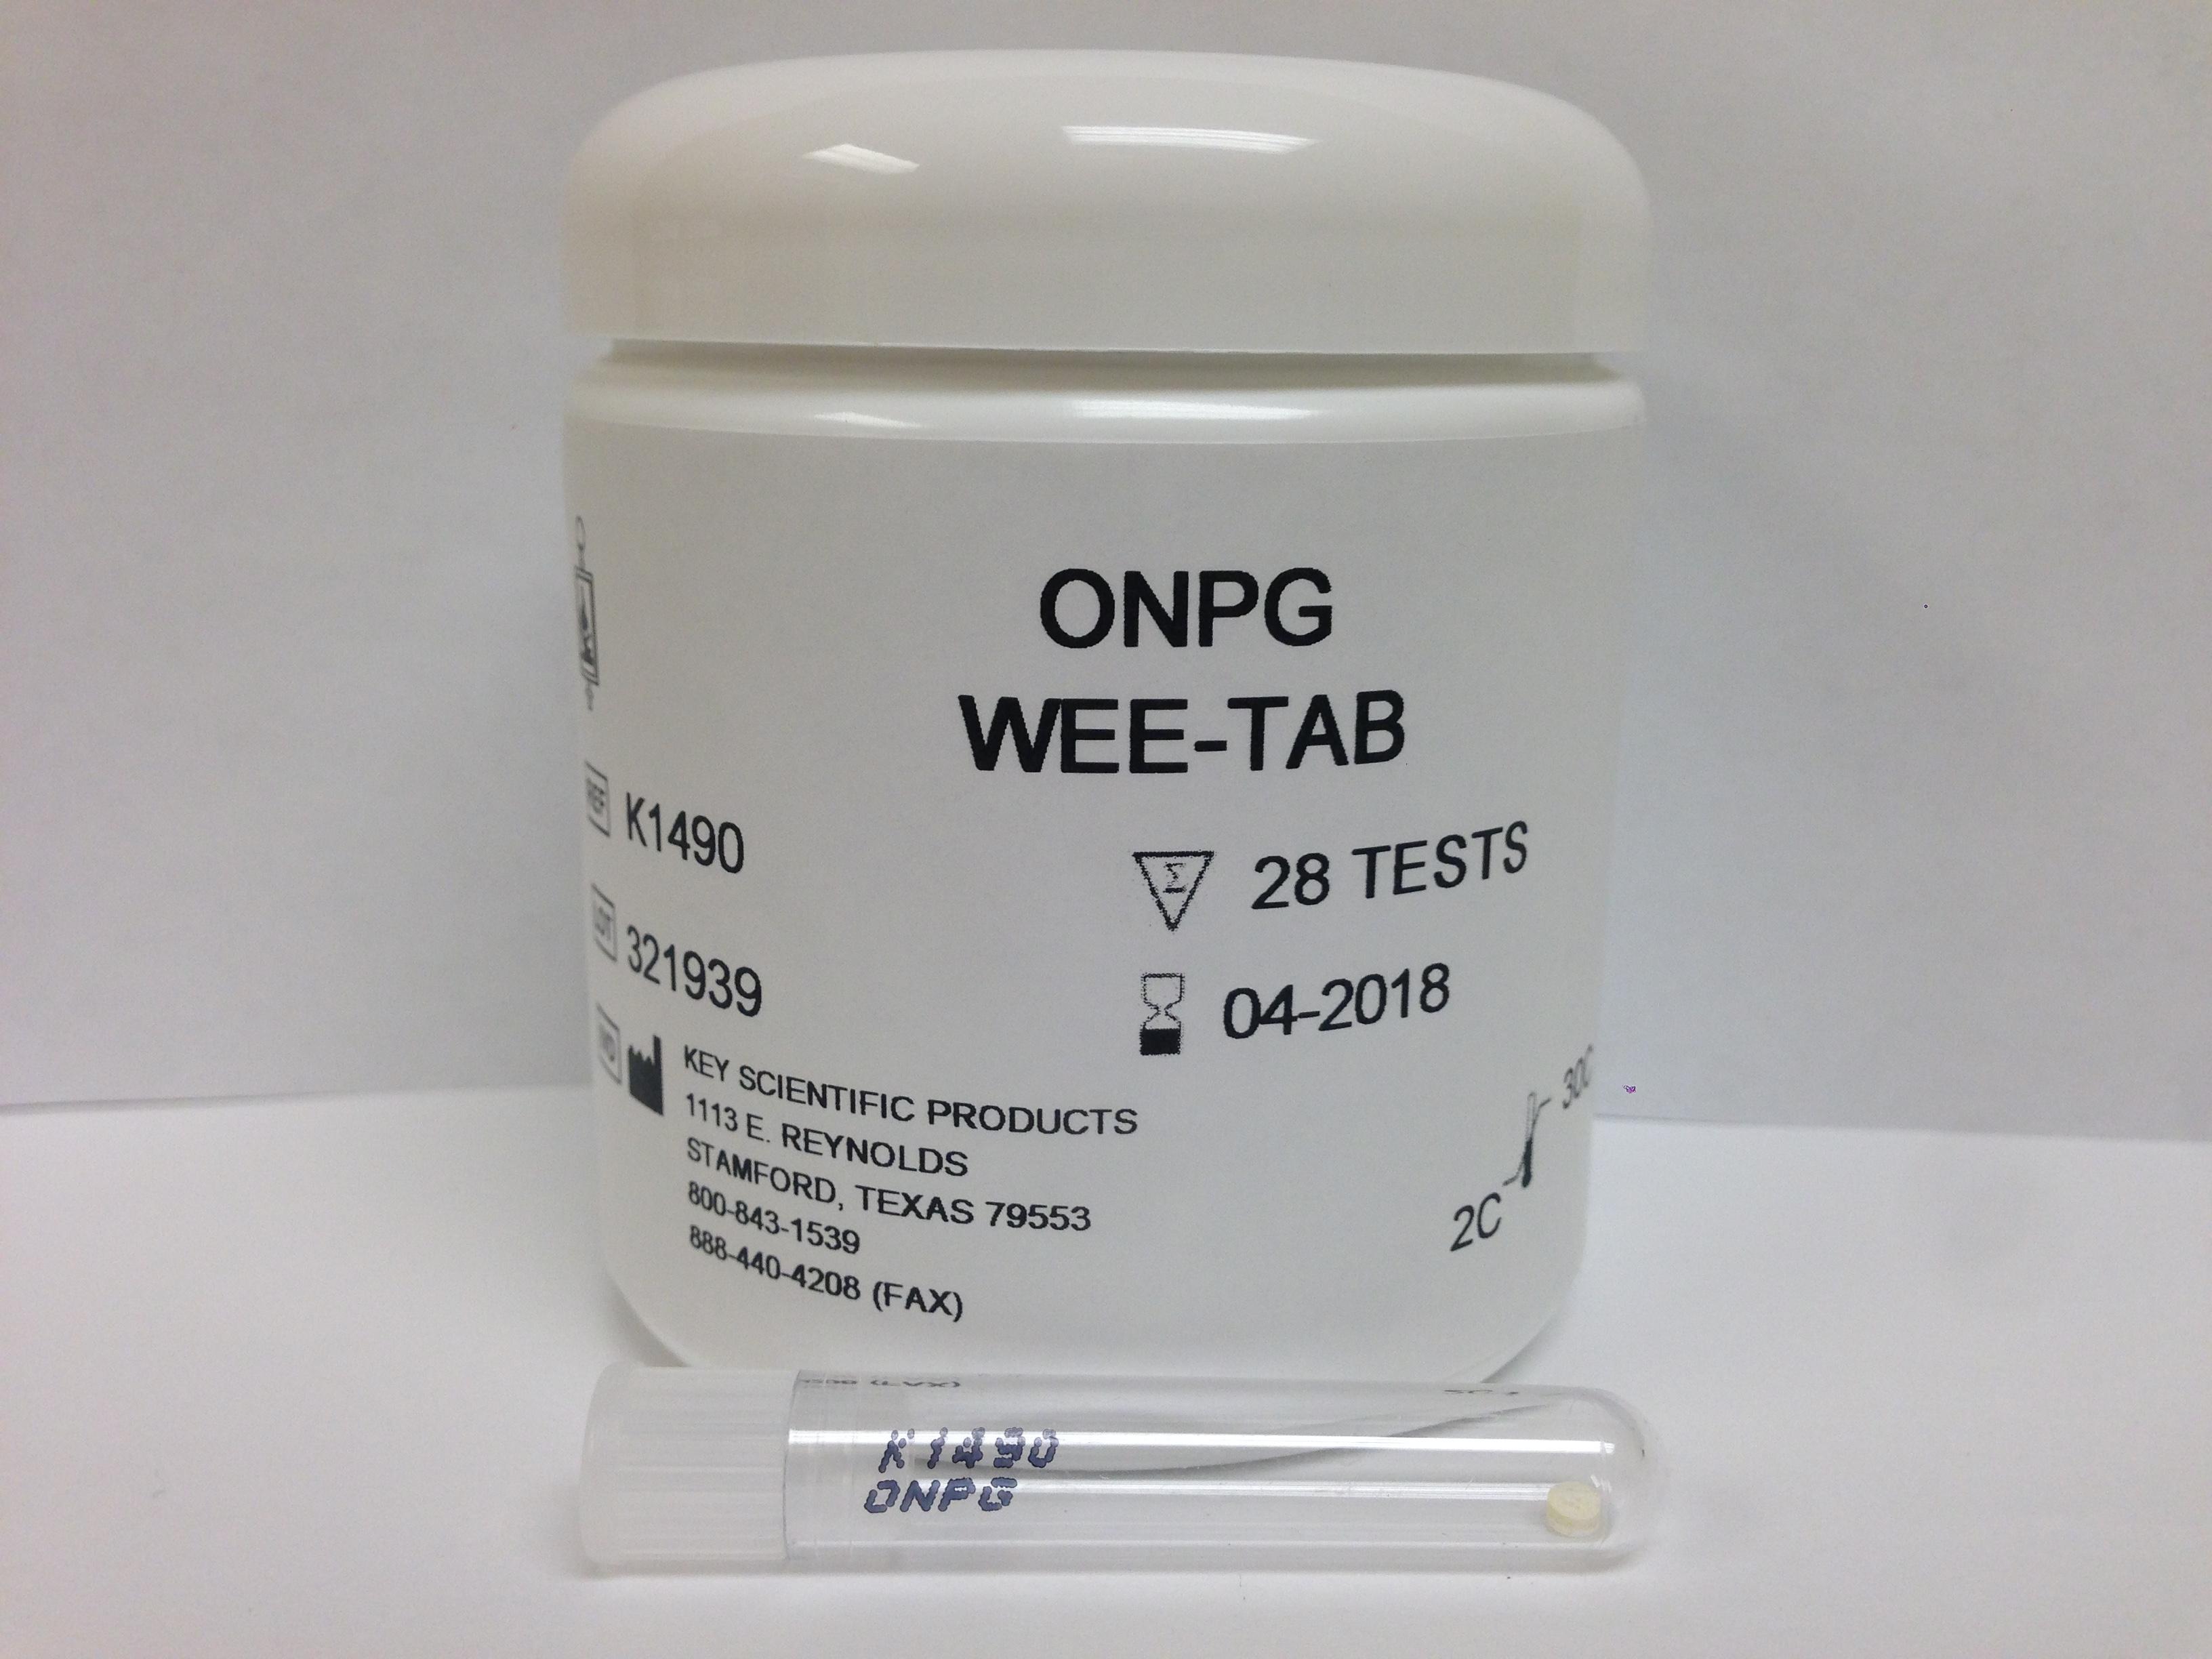 WEE-TAB O.N.P.G.